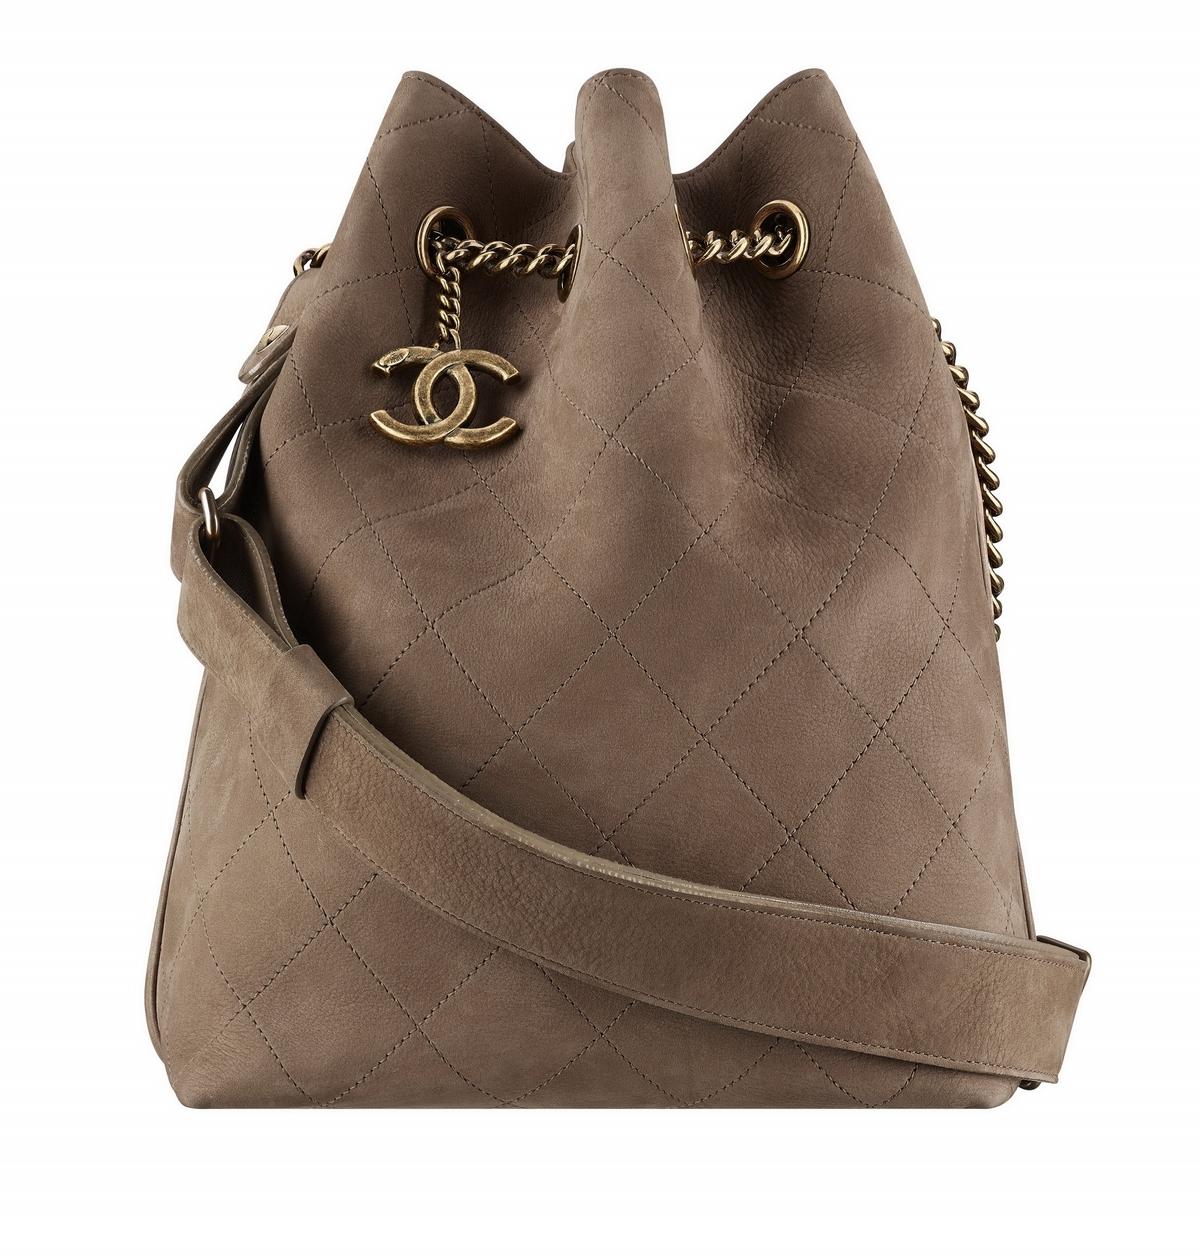 咖啡色soft leather麂皮水桶包  售價NT$149,100